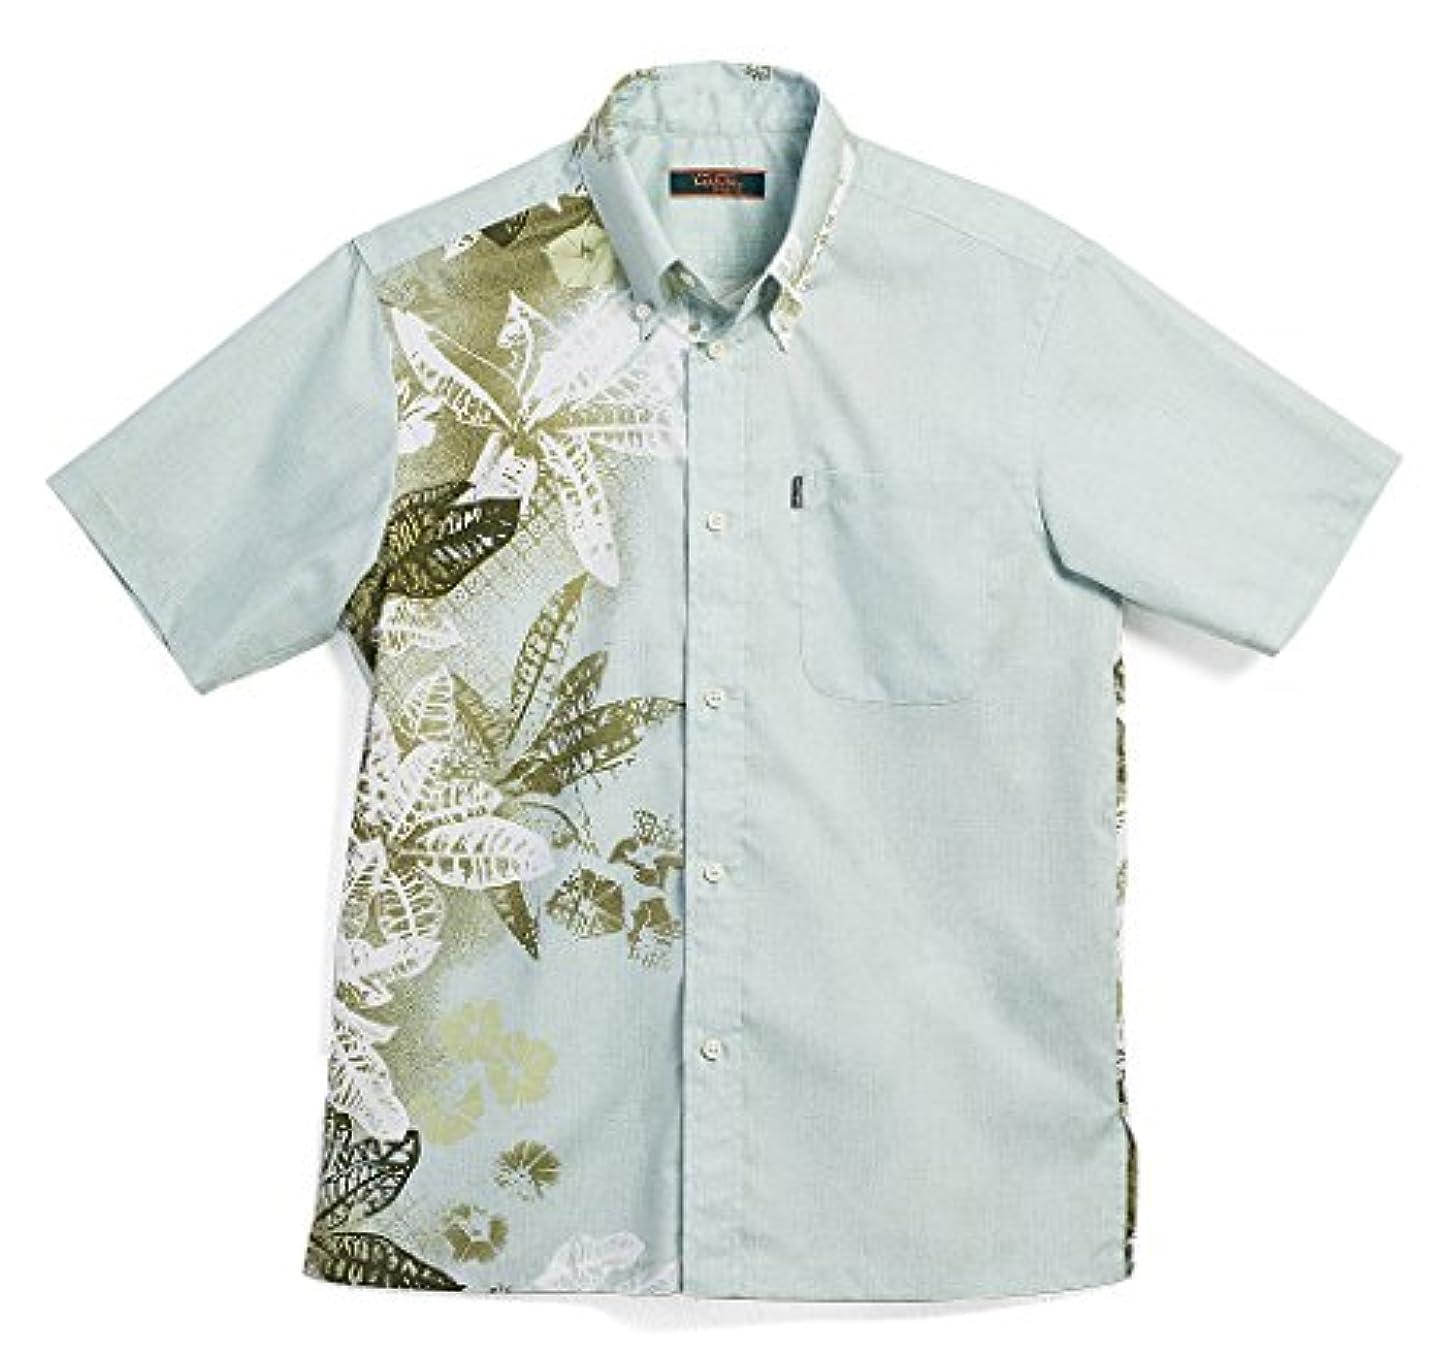 水銀のデータムMAJUN (マジュン) かりゆしウェア アロハシャツ かりゆし 結婚式 メンズ 半袖シャツ ボタンダウン クロトンミスト カーキ S